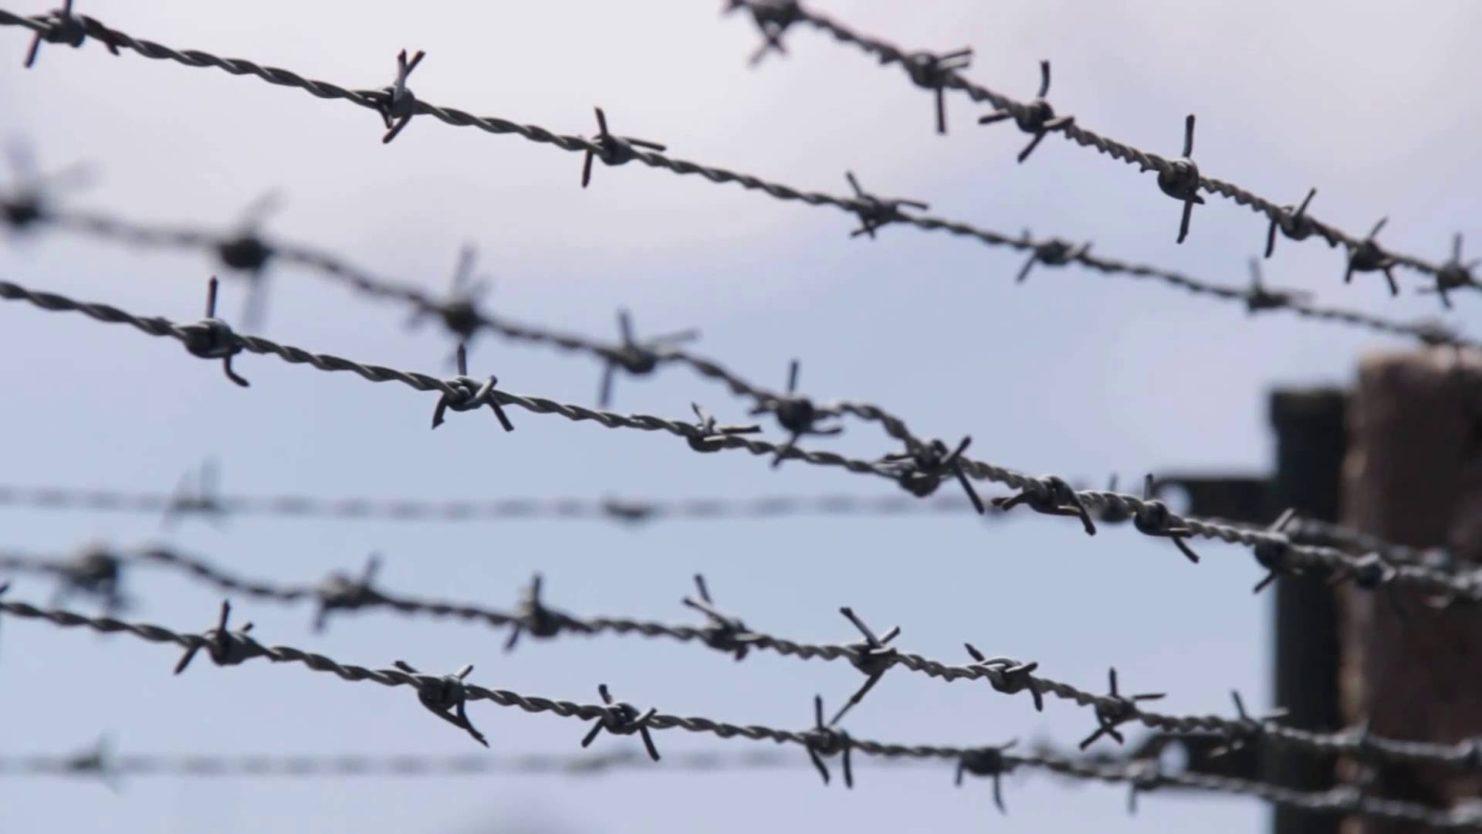 Αποτέλεσμα εικόνας για Η Ελλάδα ως χώρα «πρώτης γραμμής» Από τη συζήτηση περί αναβάθμισης, στην είσοδο στην εμπόλεμη ζώνη